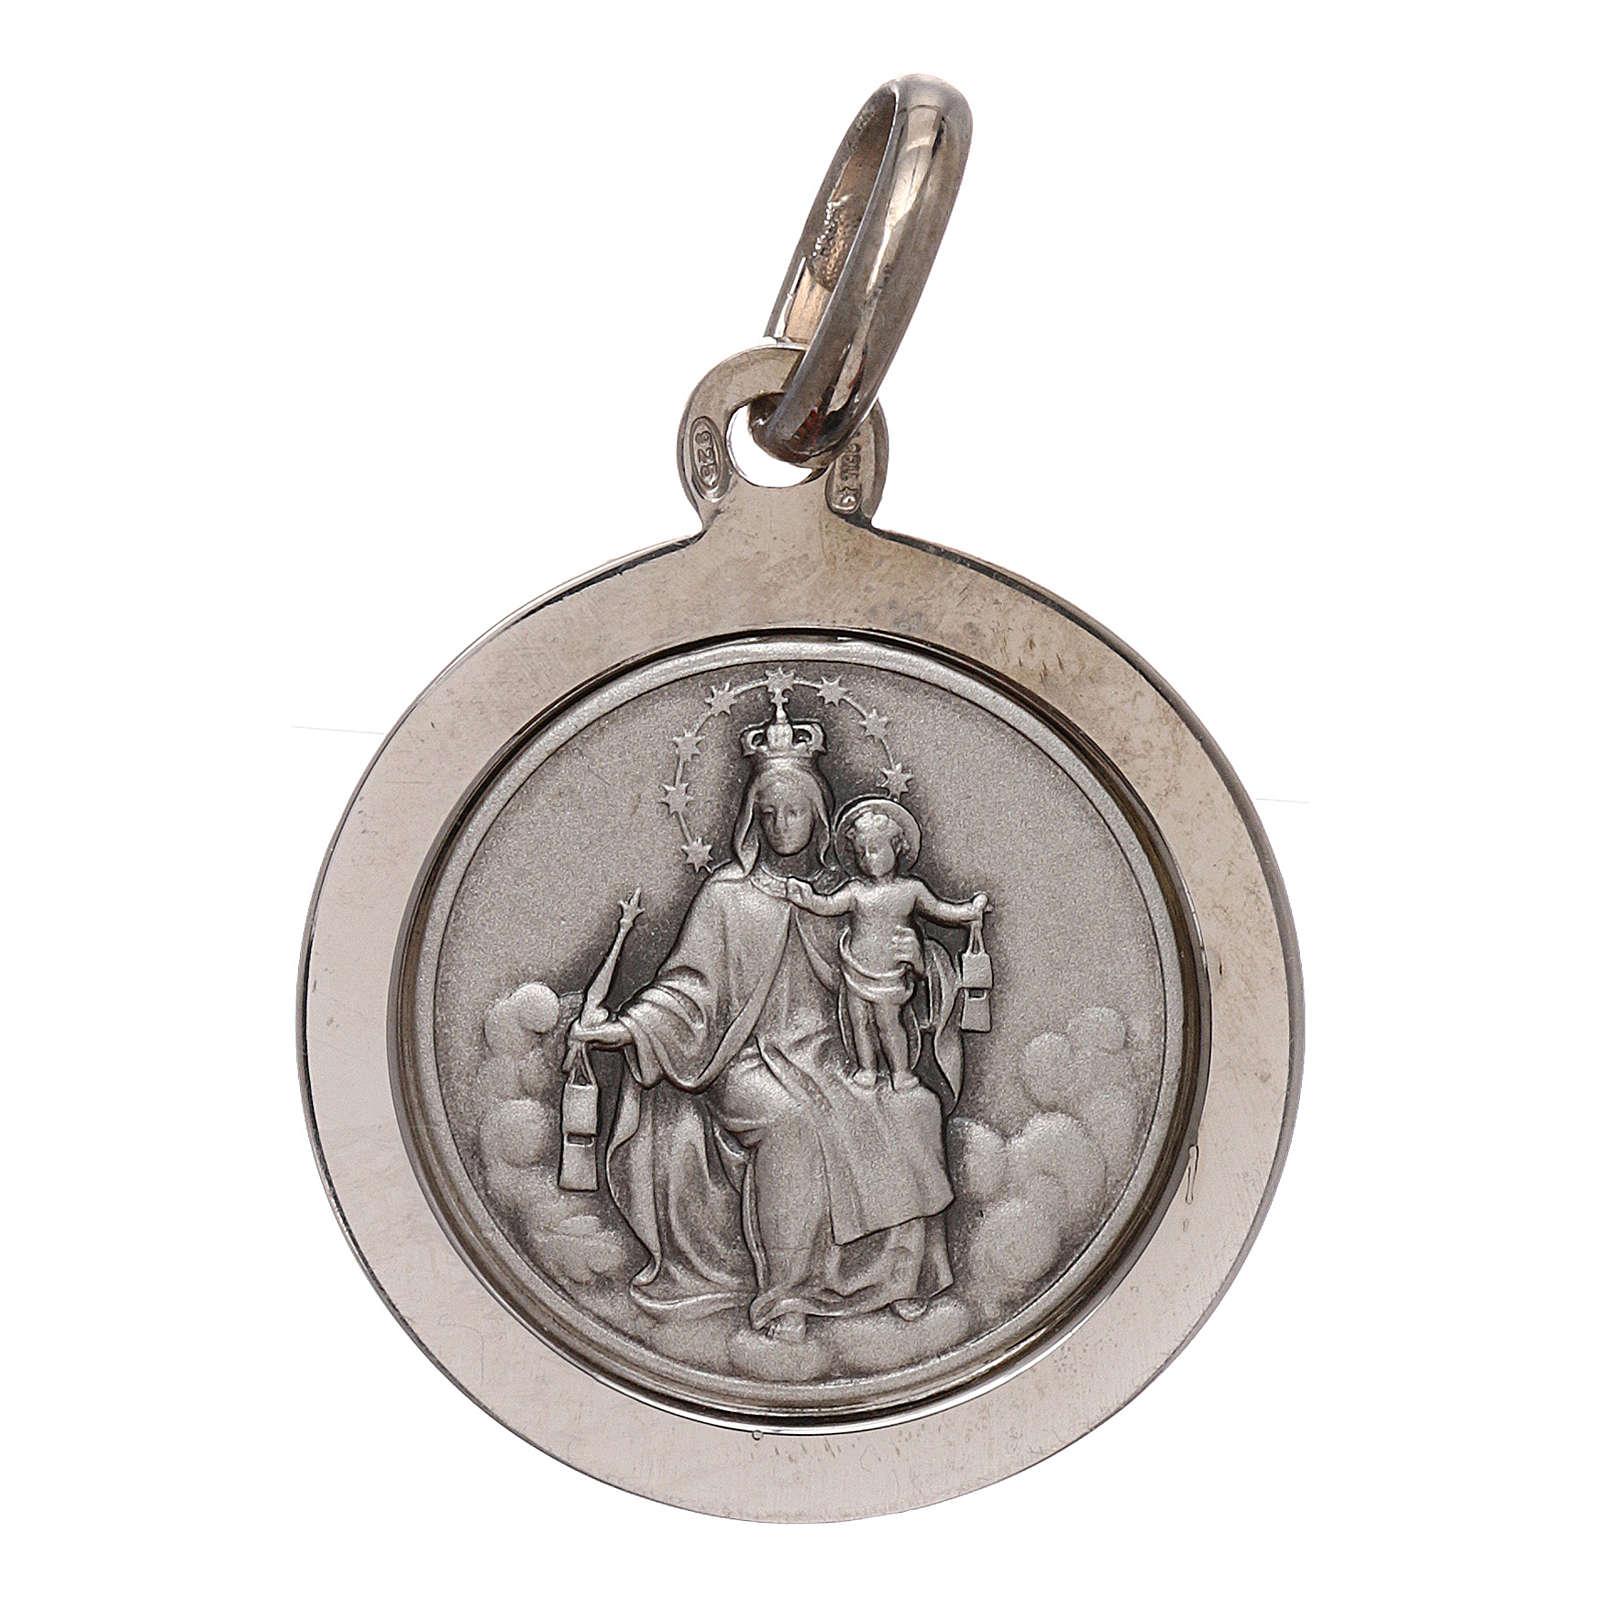 Escapulario plata 925 med. 16 mm bordada 4